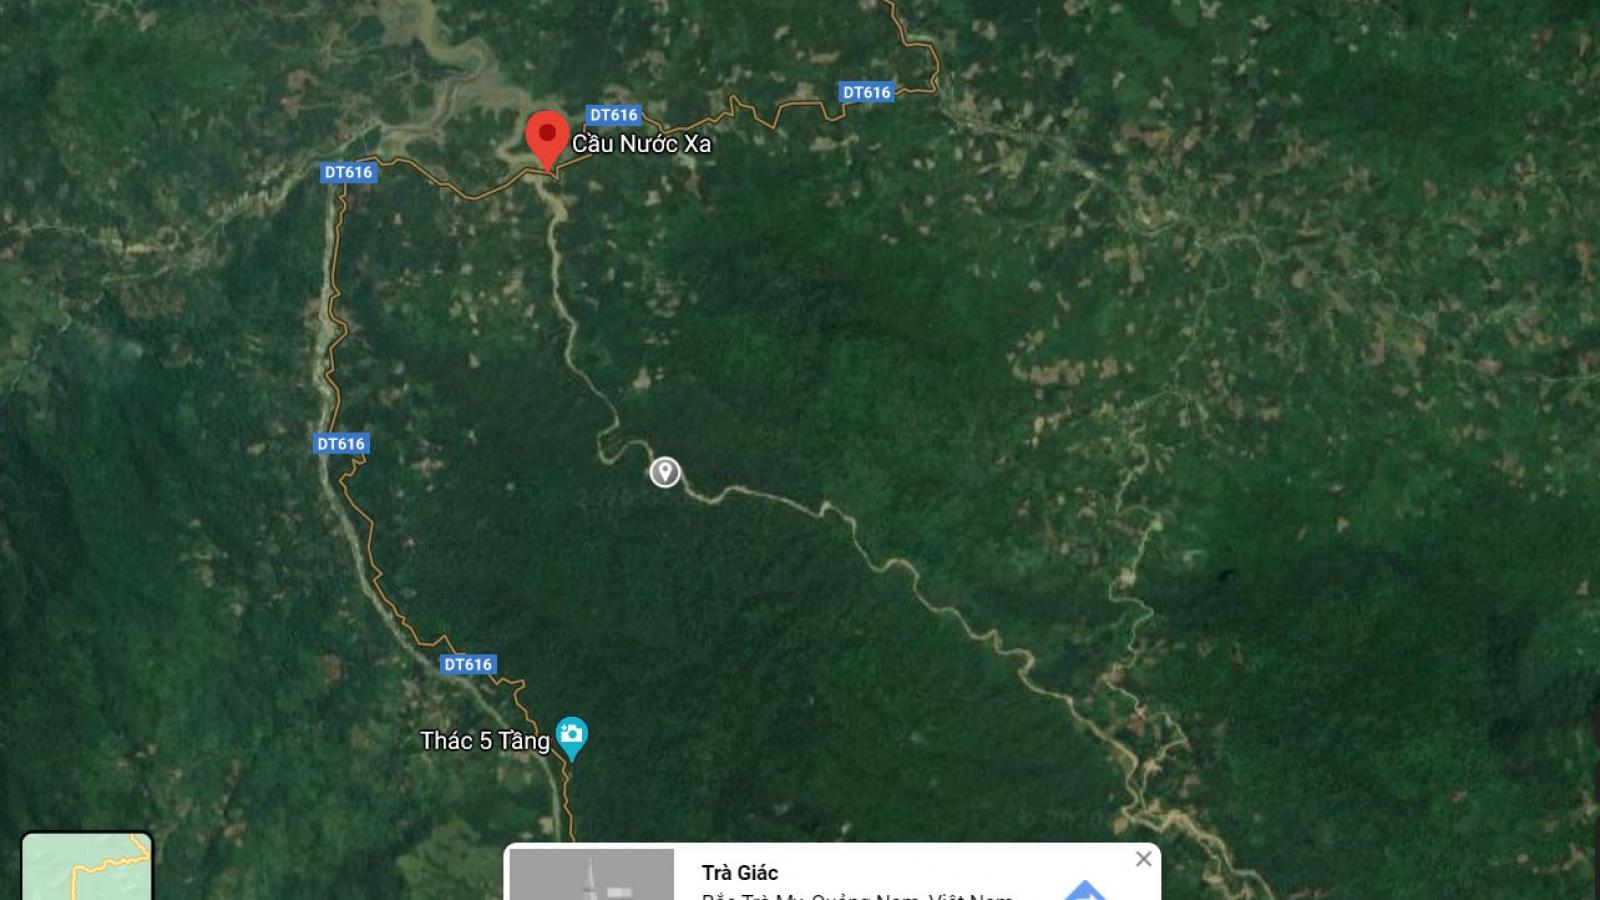 Phát hiện bộ xương người trên sông Nước Xa đoạn giáp huyện Nam Trà My